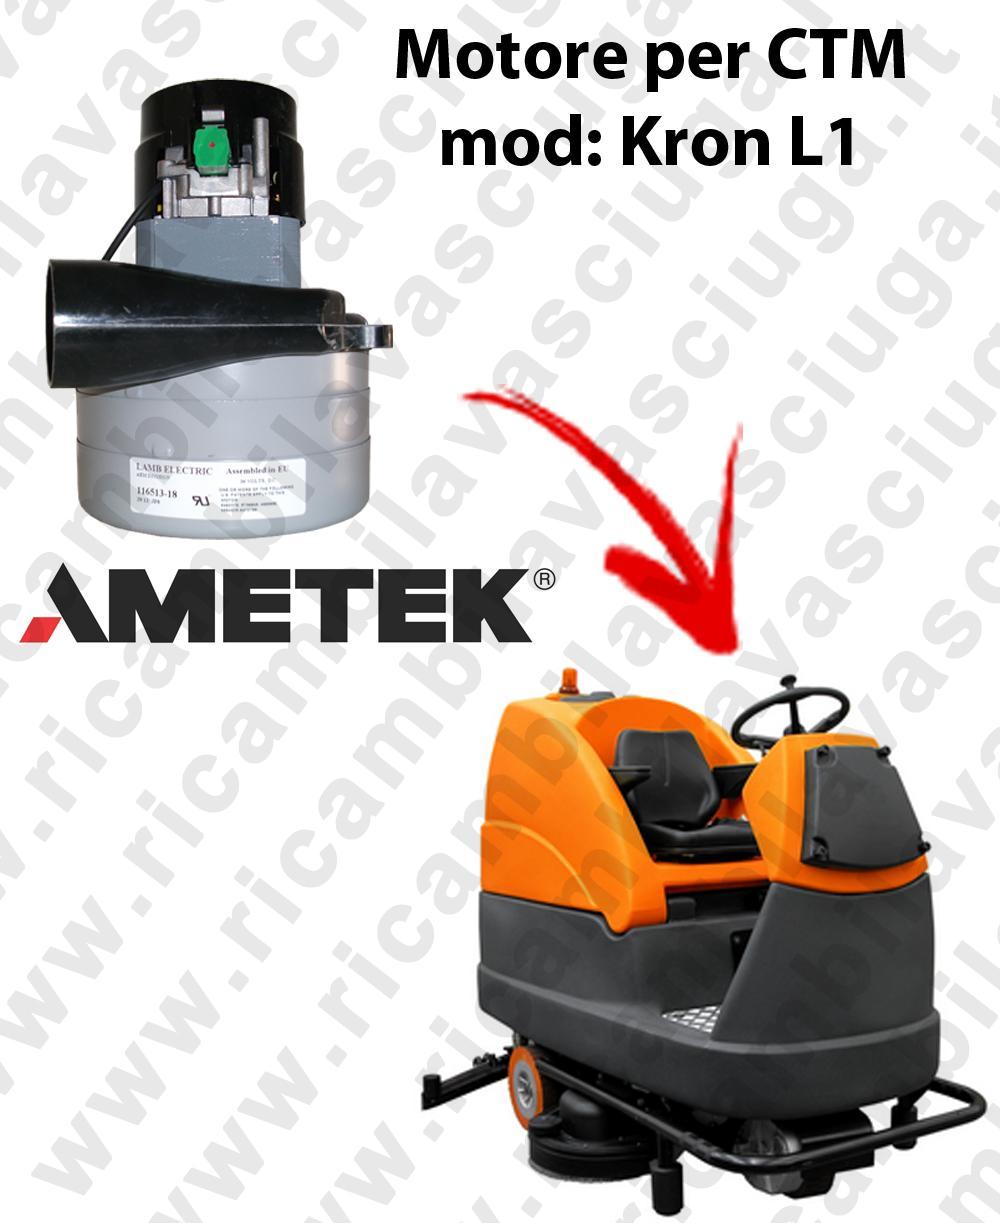 KRON L1 MOTORE LAMB AMETEK di aspirazione per lavapavimenti CTM